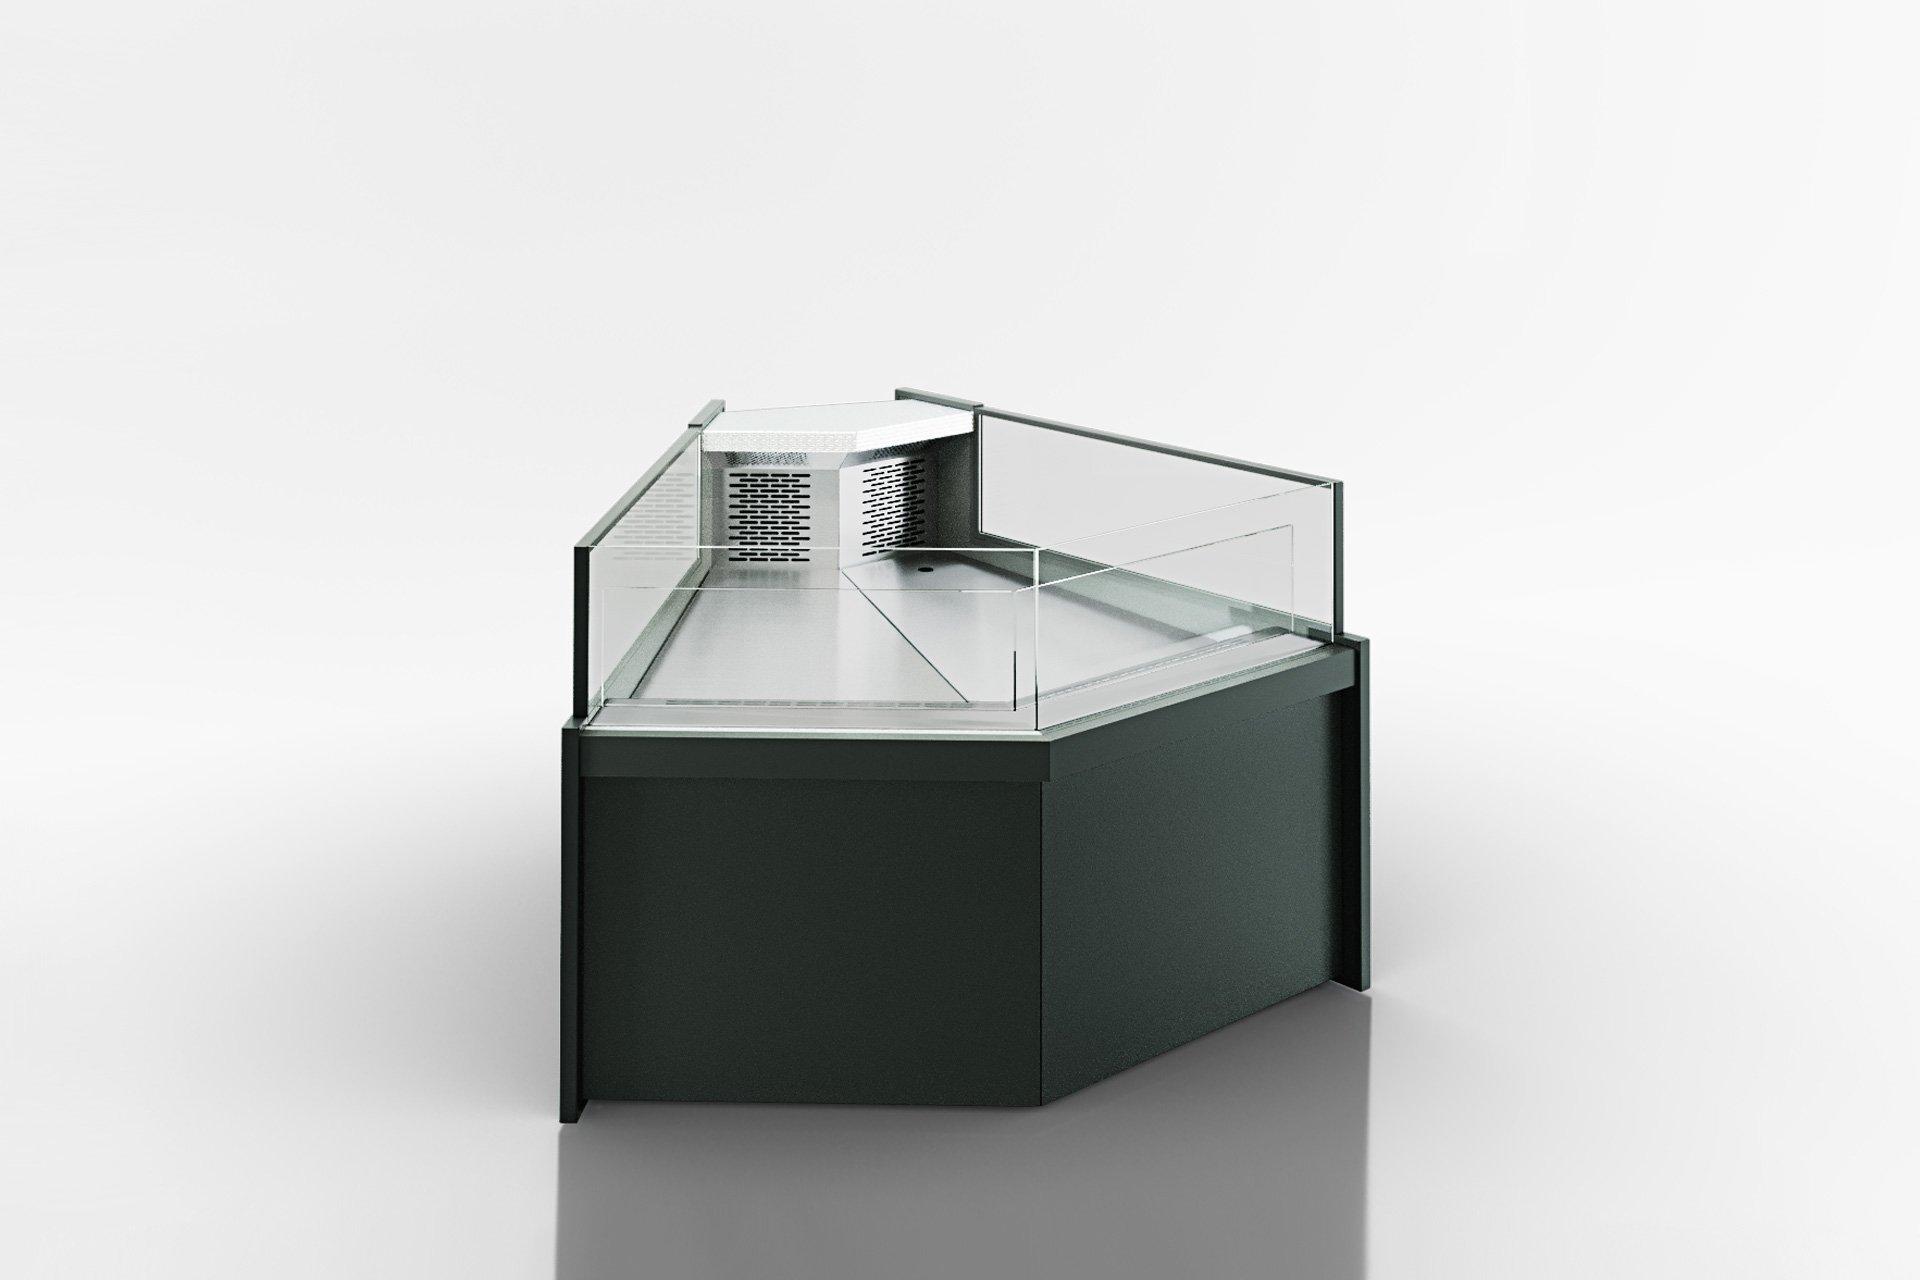 Угловые эленты холодильных витрин Missouri сold diamond MC 126 self 084-DBM